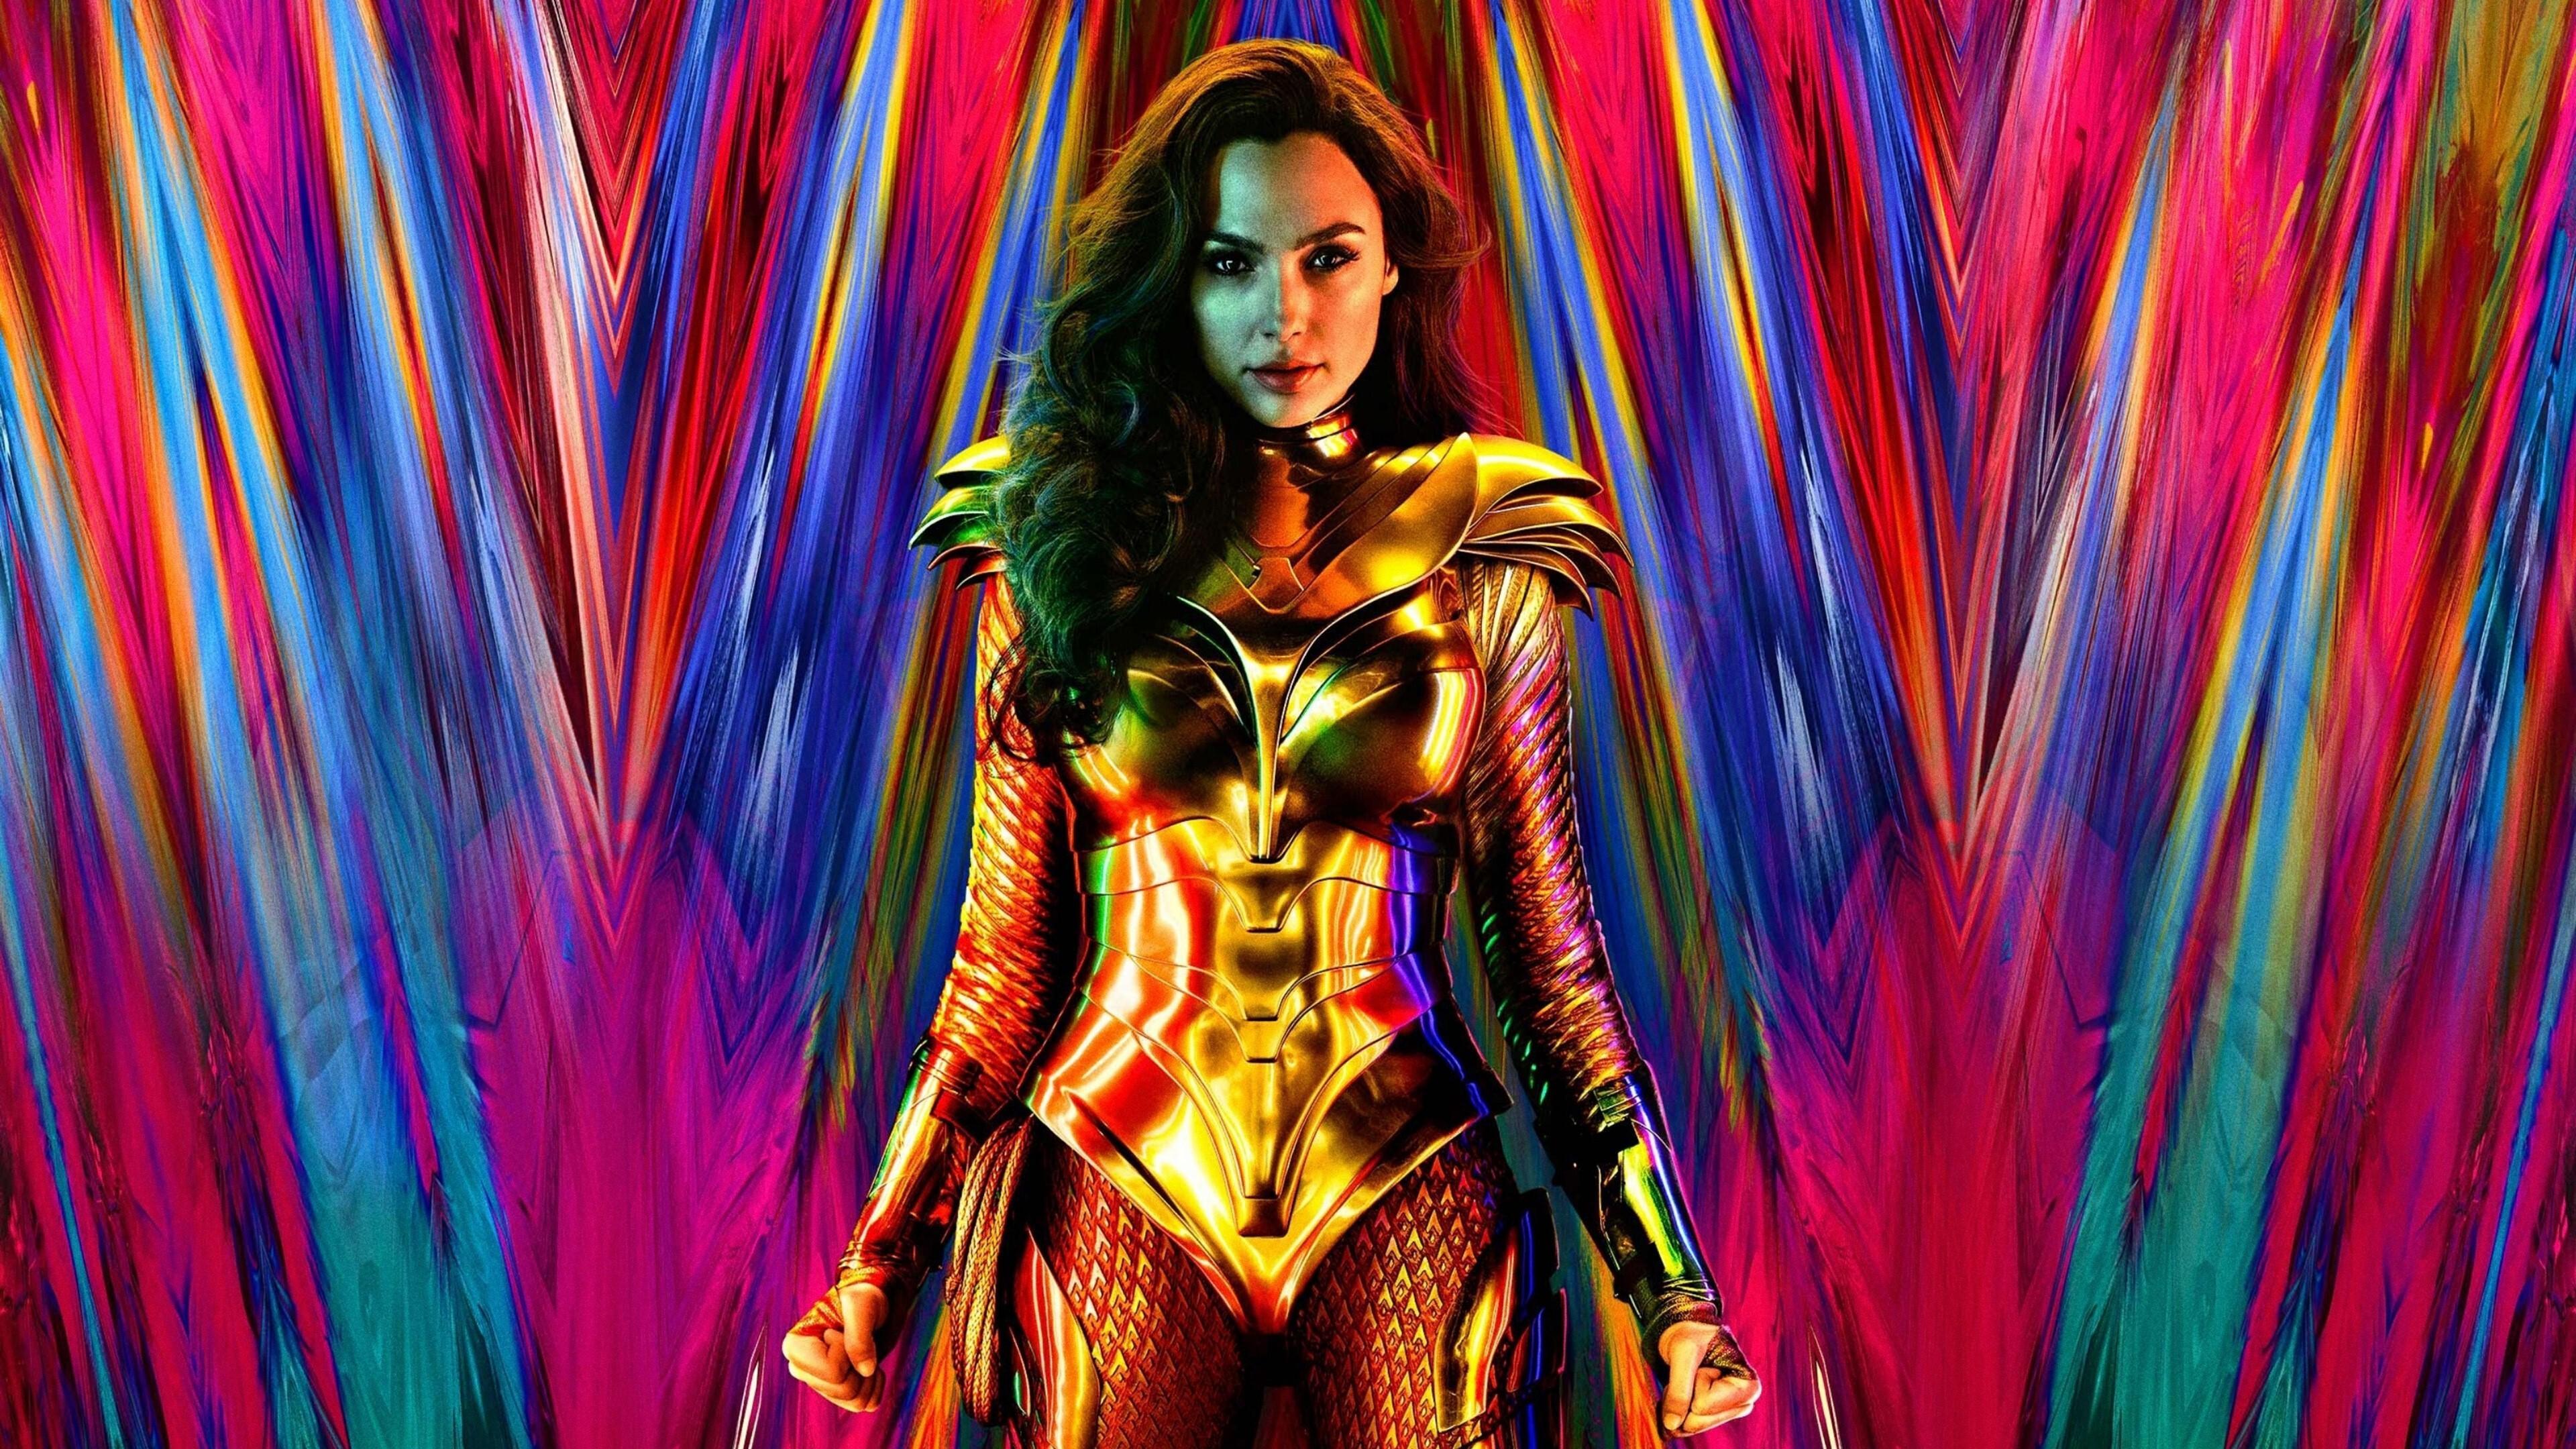 4k Wallpaper Of Actress Gal Gadot In 2020 Film Wonder Woman